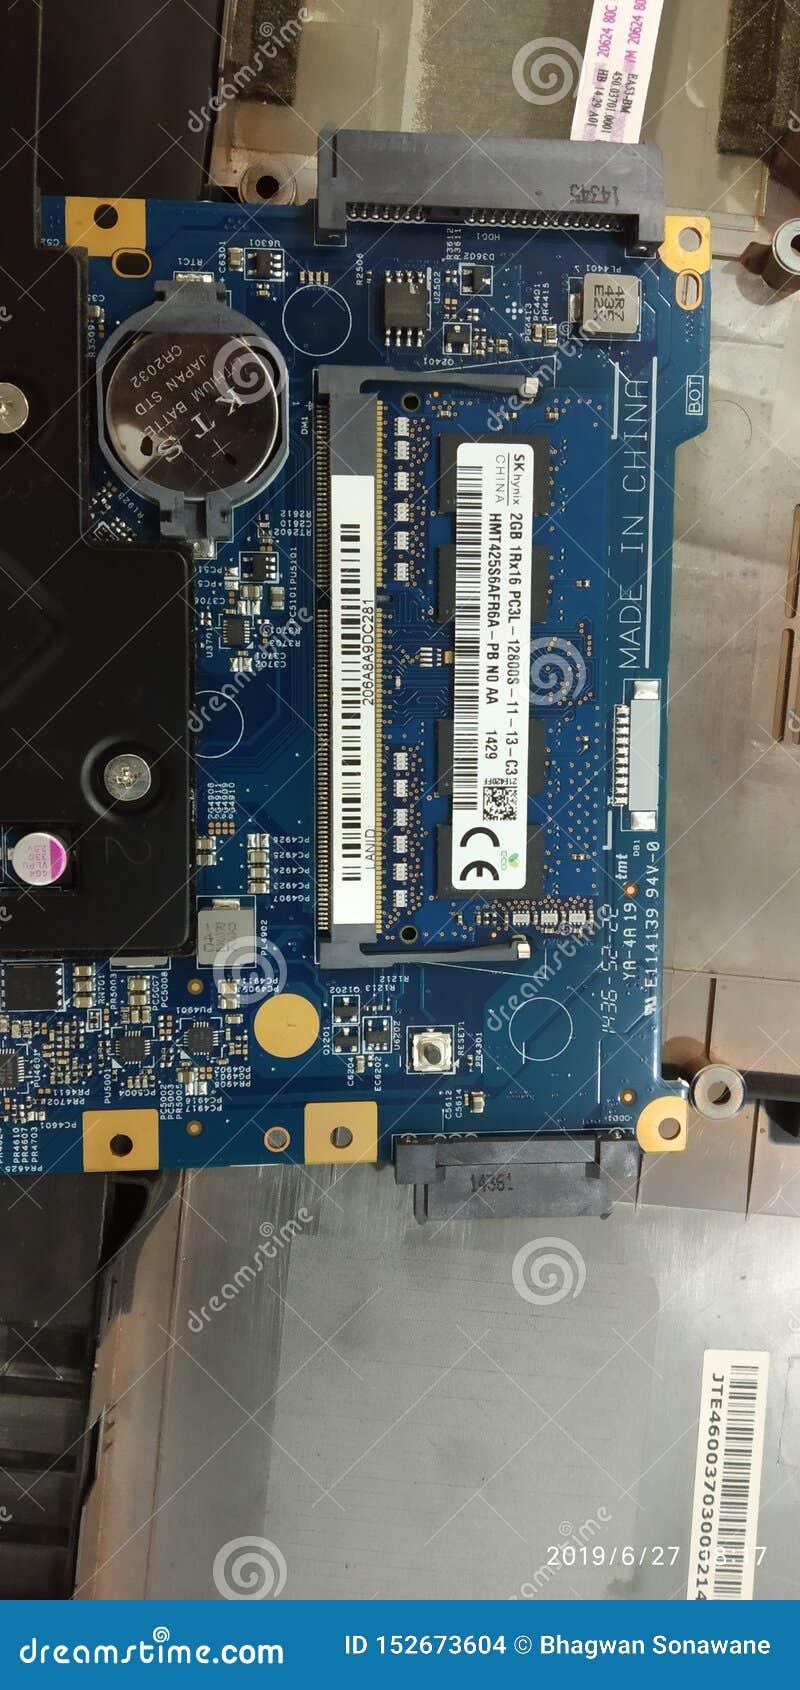 Laptop motherboard met ramsverbetering aan maximum toen PB van 8gb